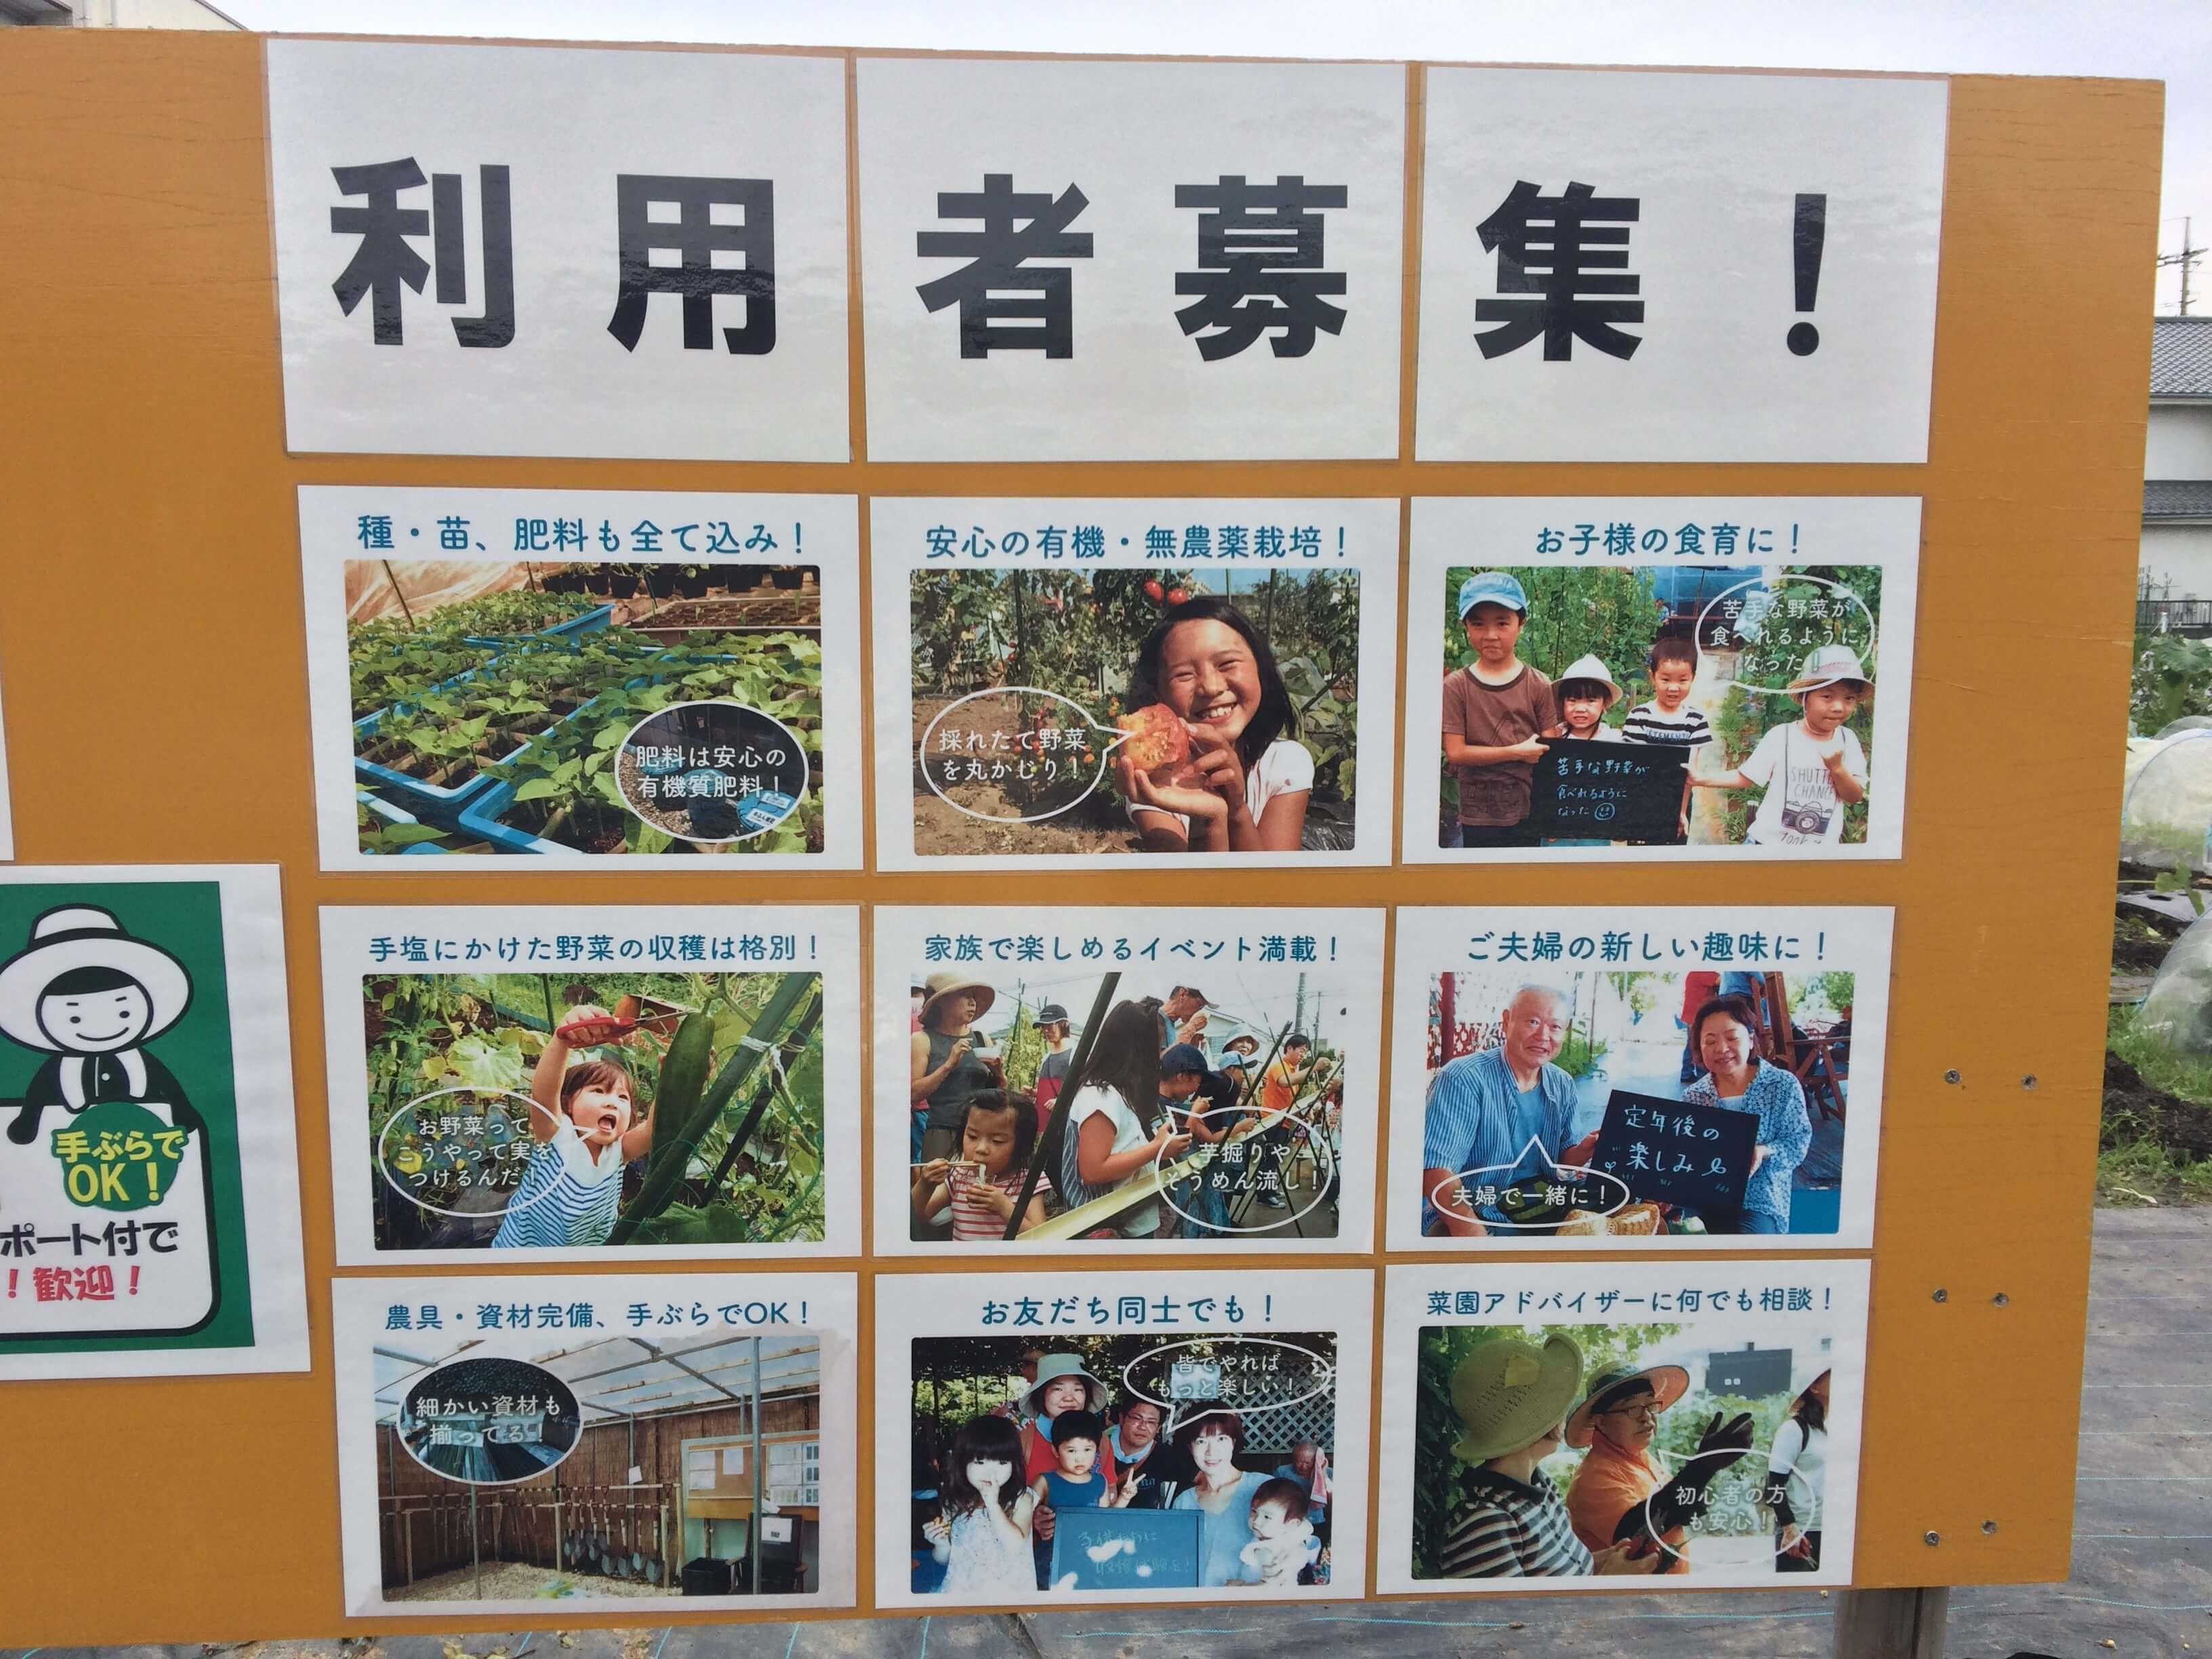 シェア畑見学と入会・口コミ・評判2